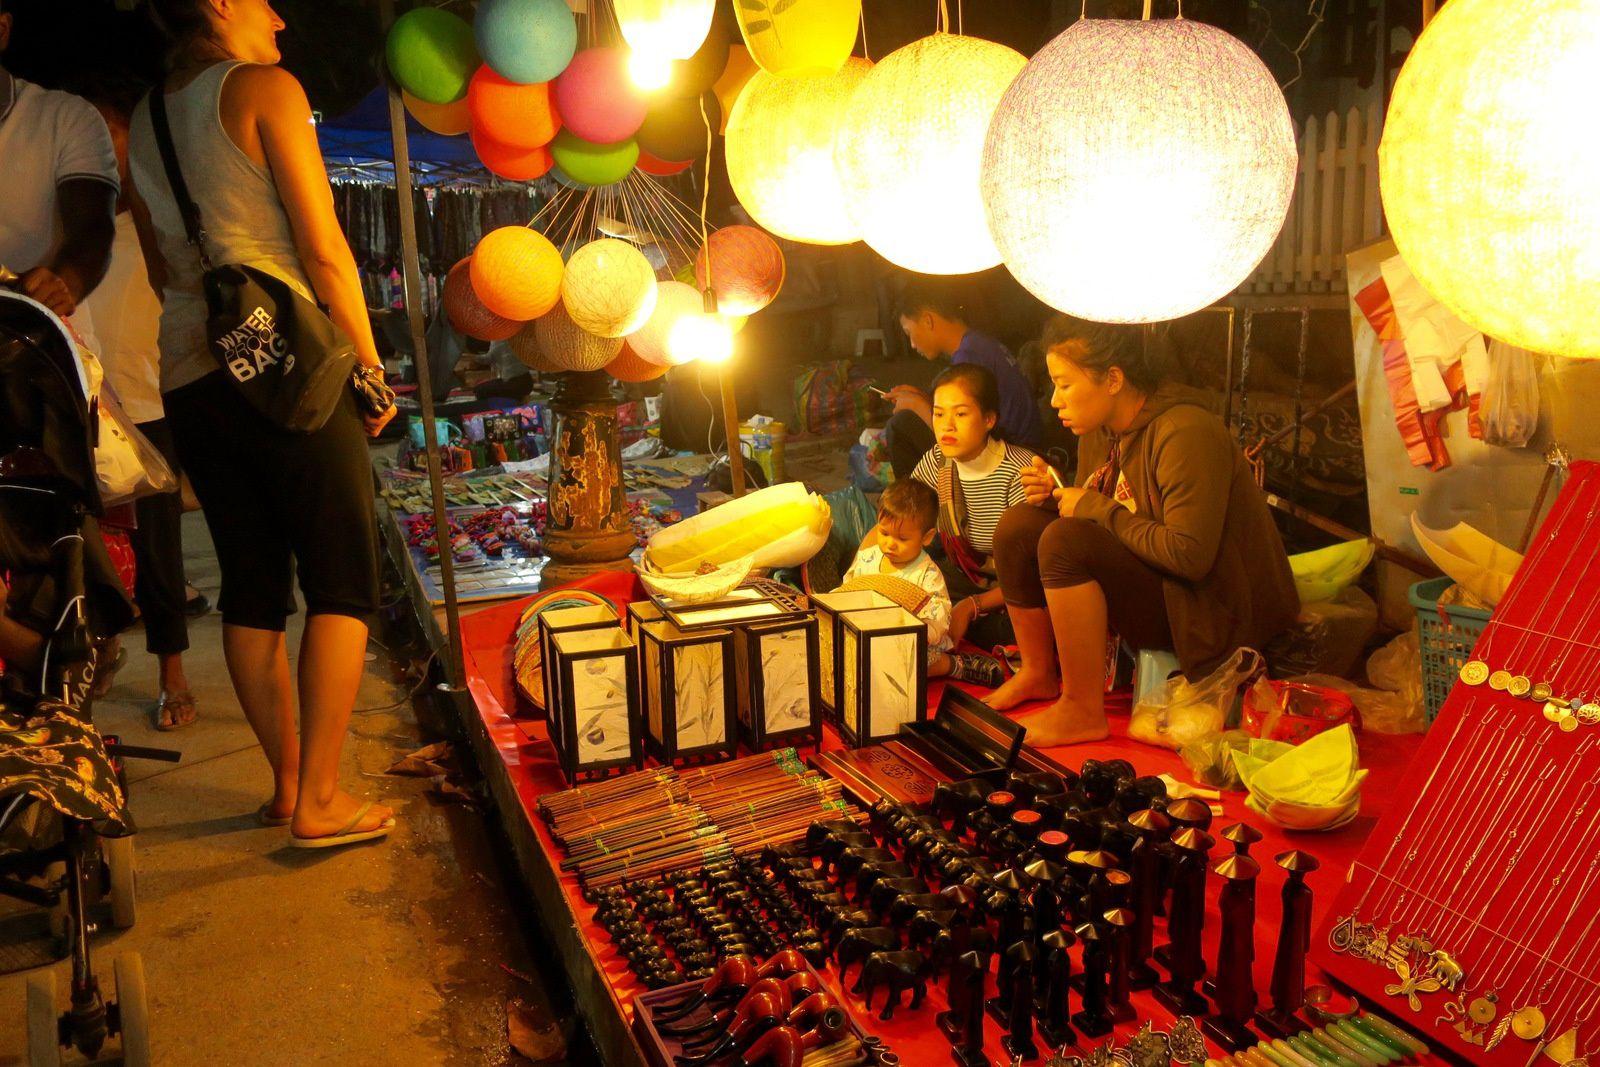 Le marché de nuit aux couleurs épices.